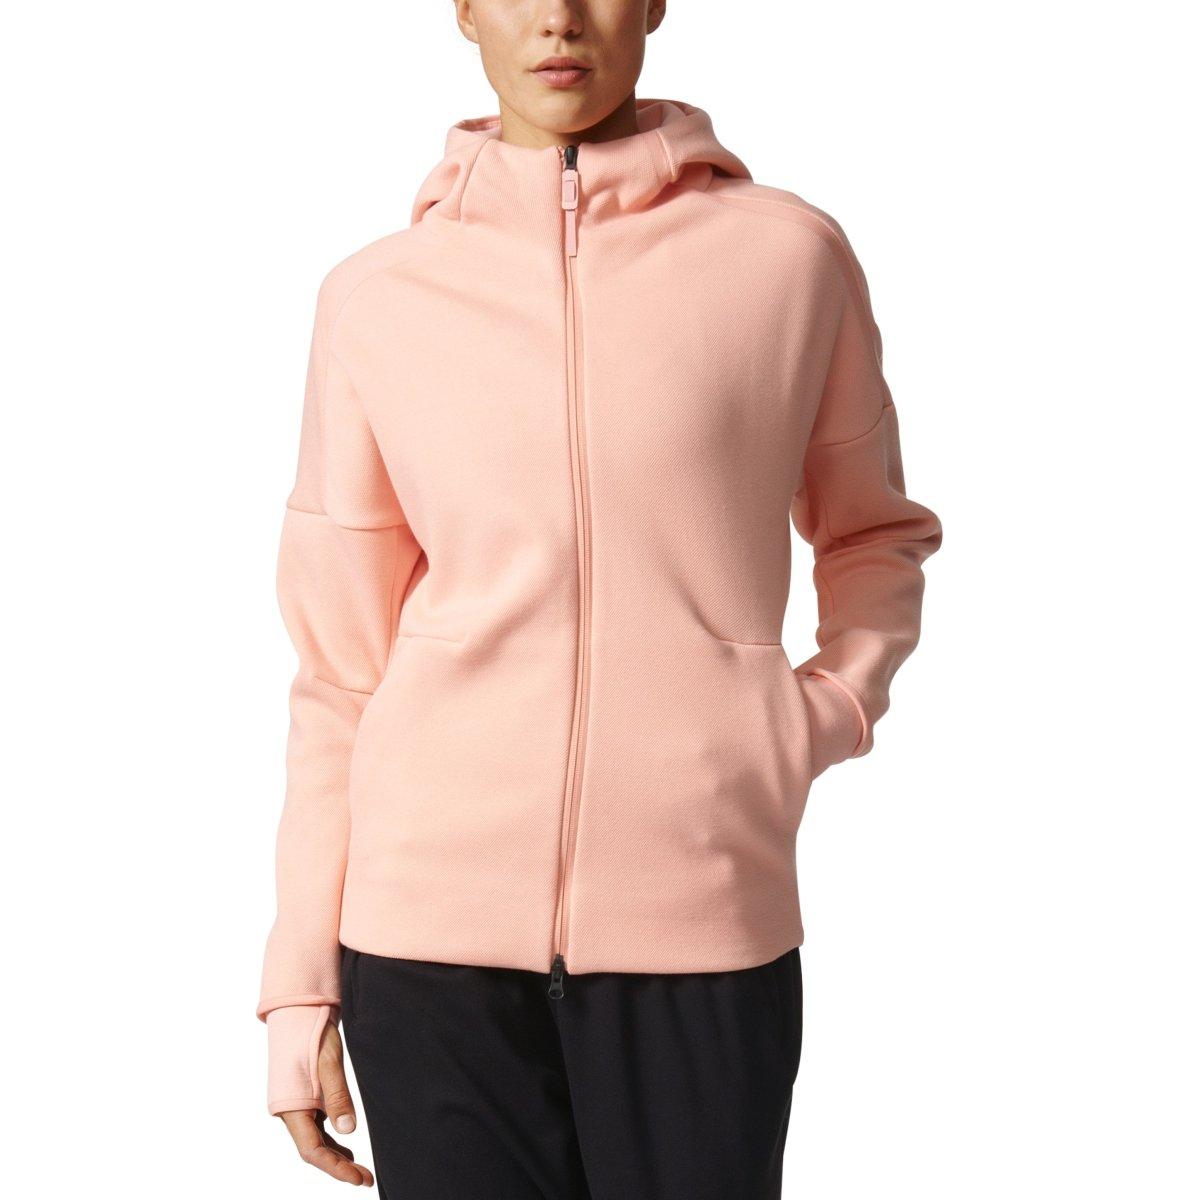 Adidasレディースathletic-wear ZNE Hoodie in Still Breezeピンク – b46939 X-Small  B01N18ZNB6, オオハタマチ f8ba3e73